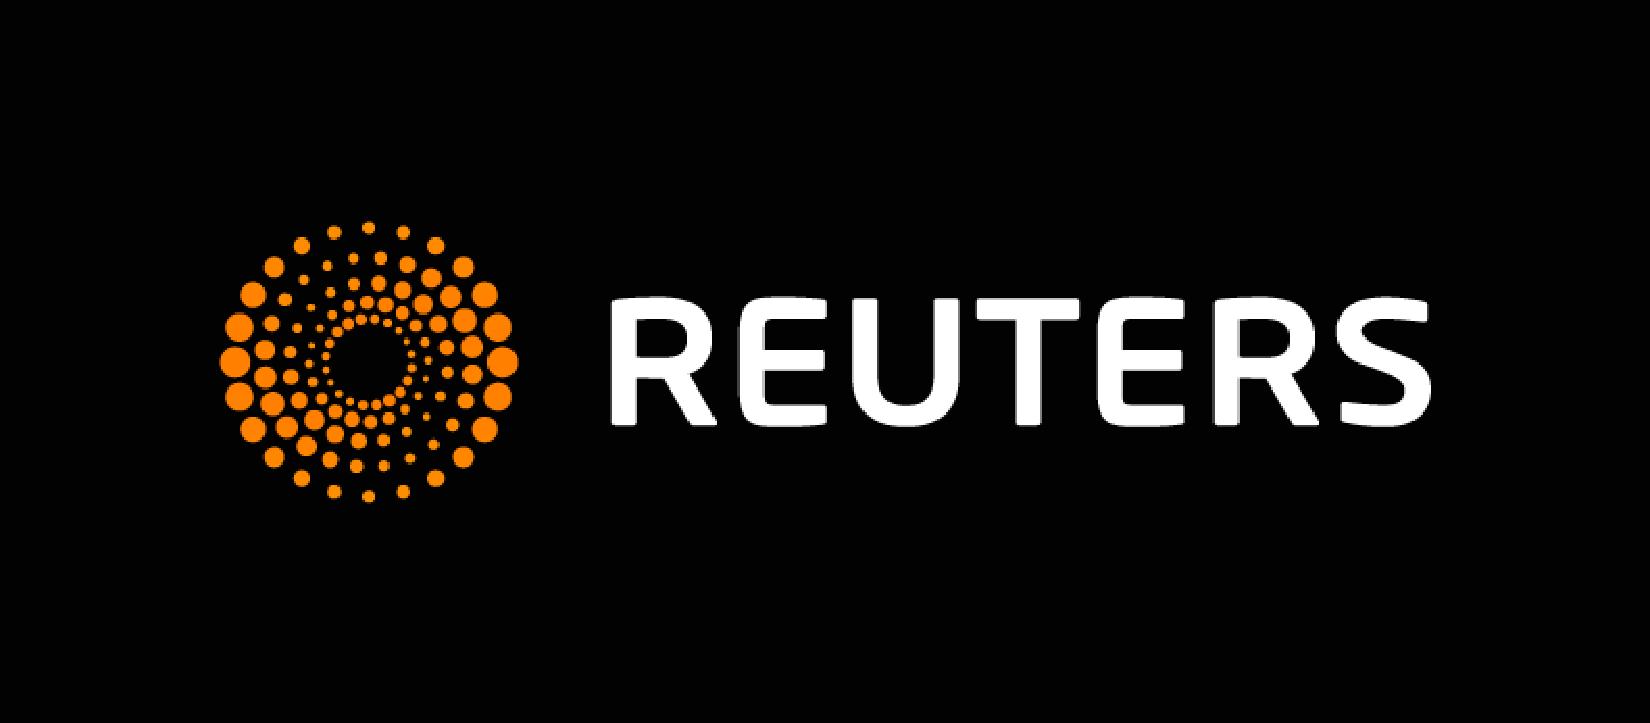 Reuters Png Hdpng.com 1650 - Reuters, Transparent background PNG HD thumbnail